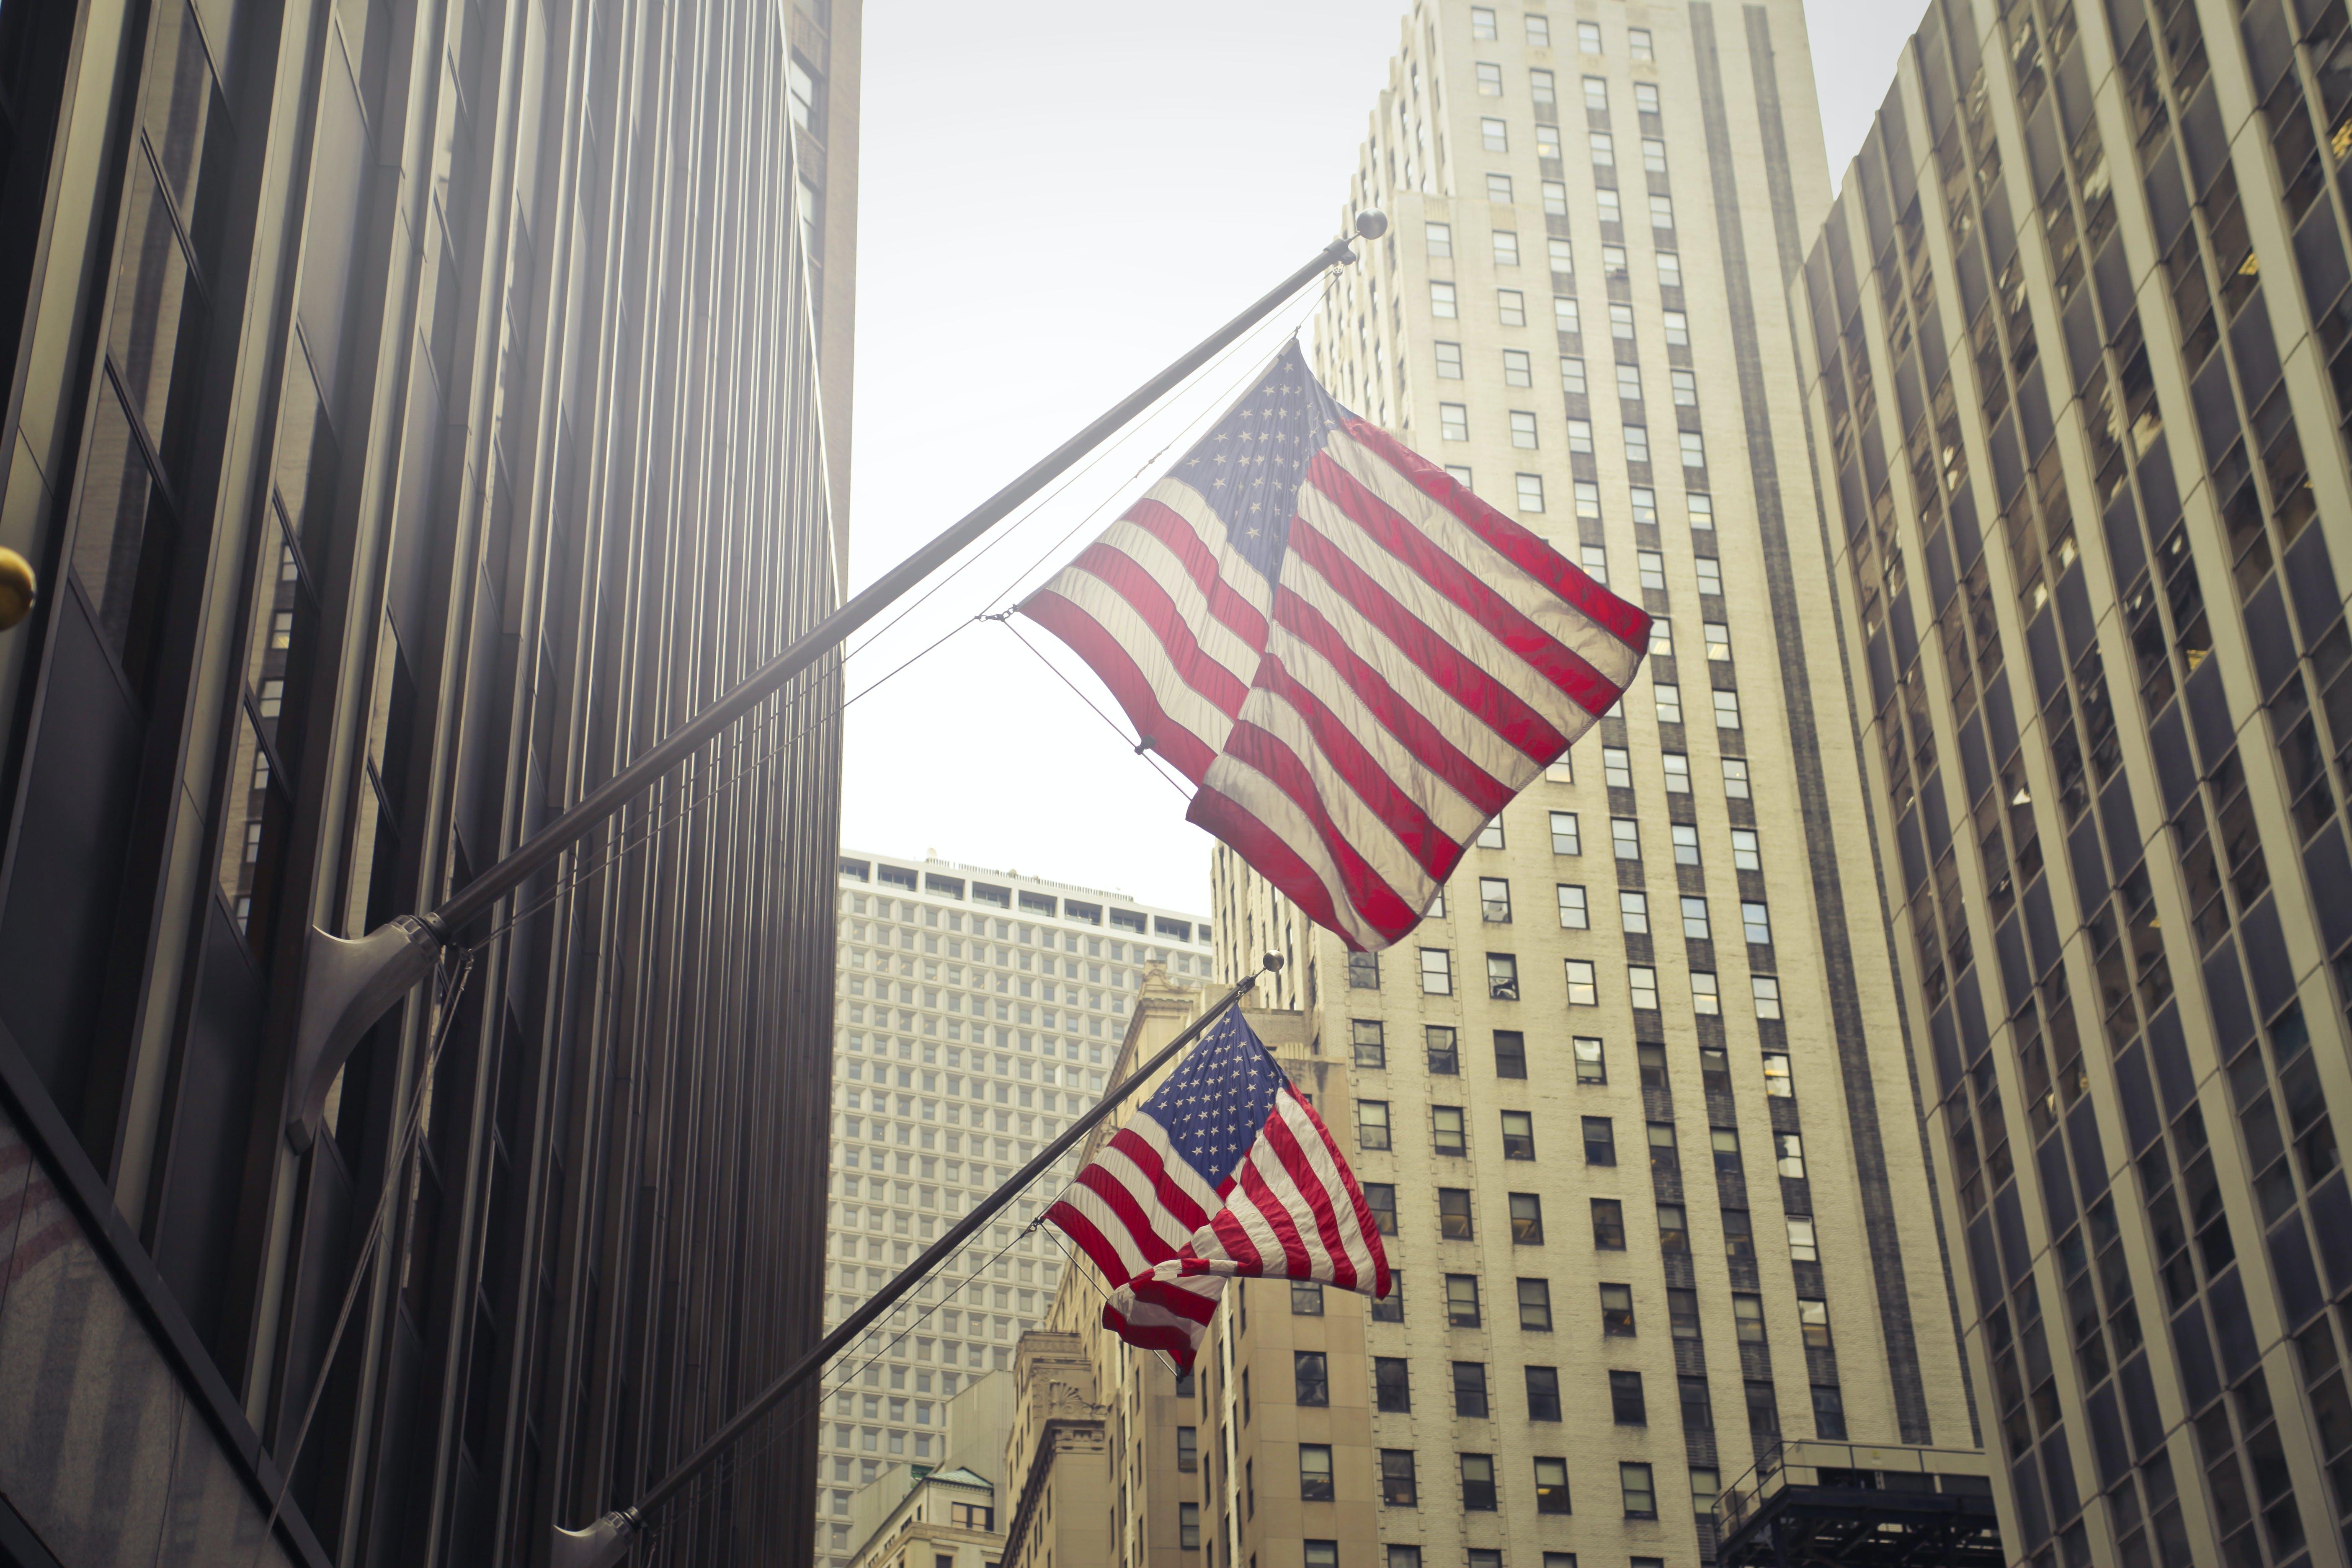 Δωρεάν στοκ φωτογραφιών με Αμερικανικές σημαίες, αρχιτεκτονική, αστέρια, αστικός